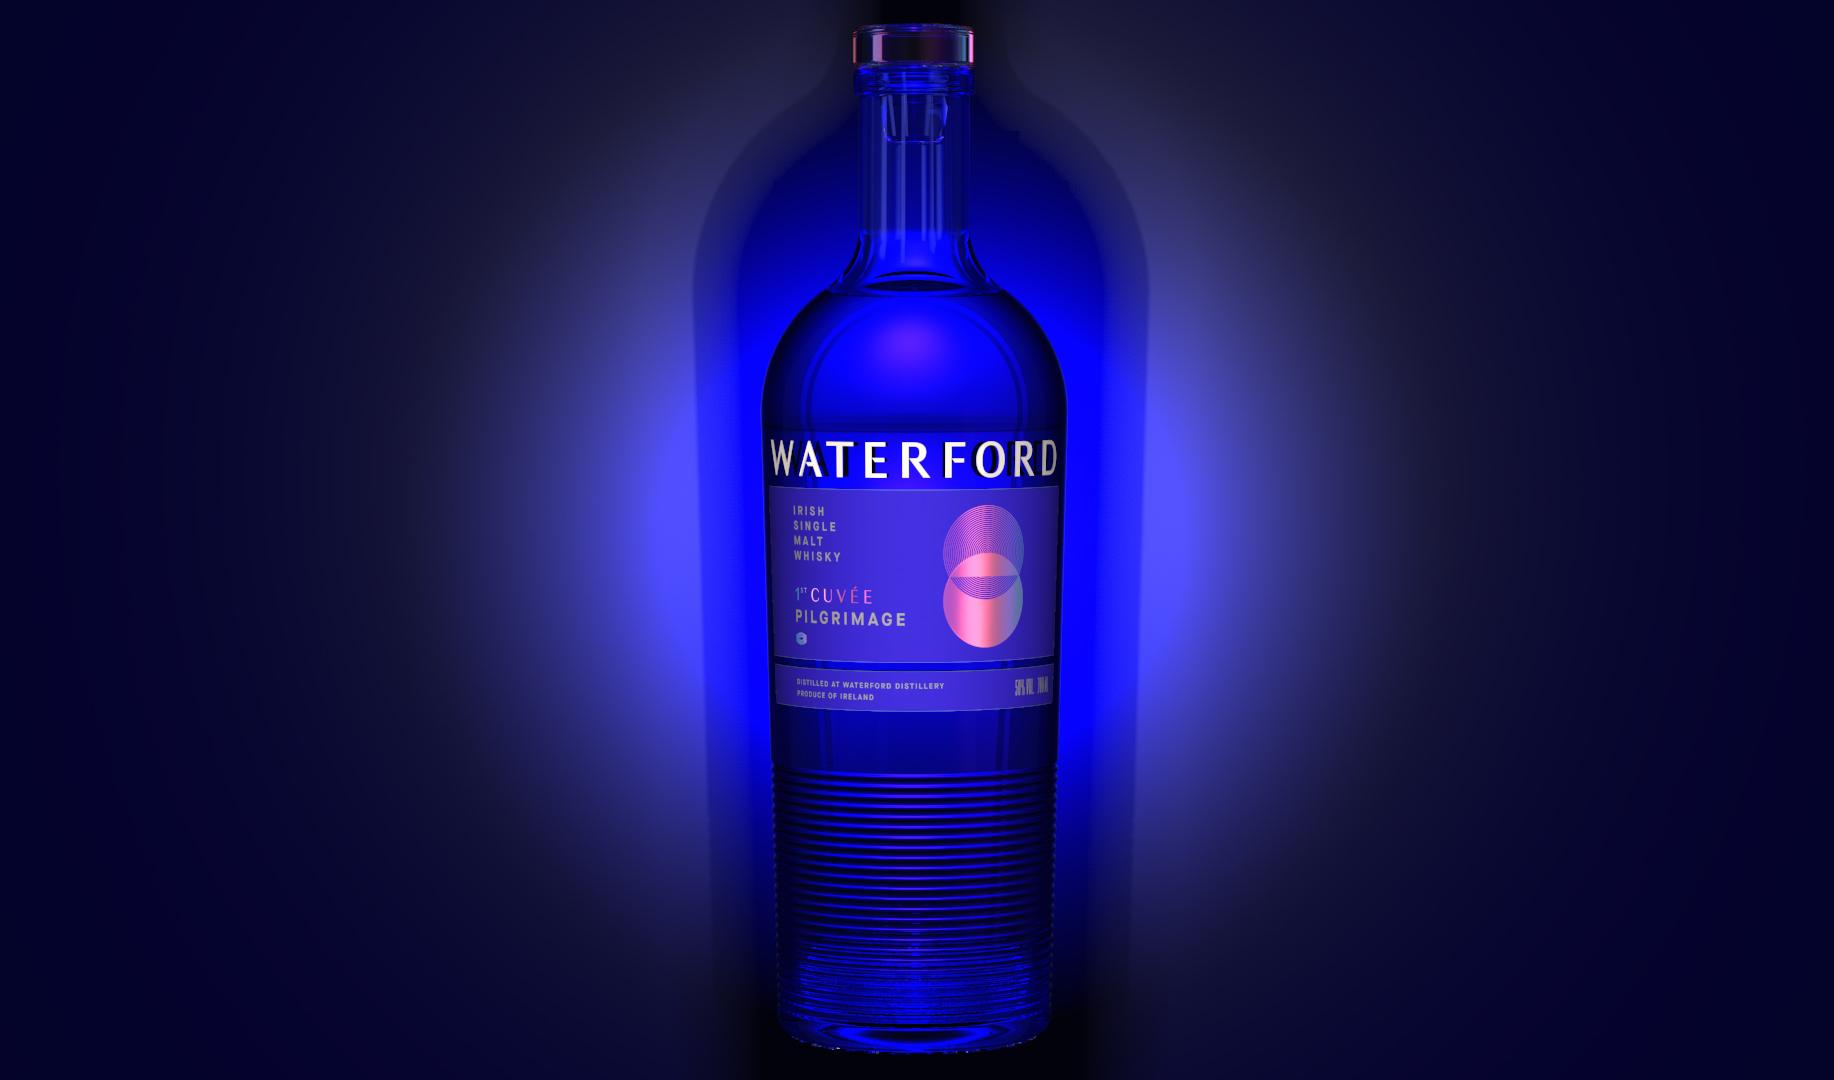 700ml-Waterford_distillery_whiskies_Cuvee_250220